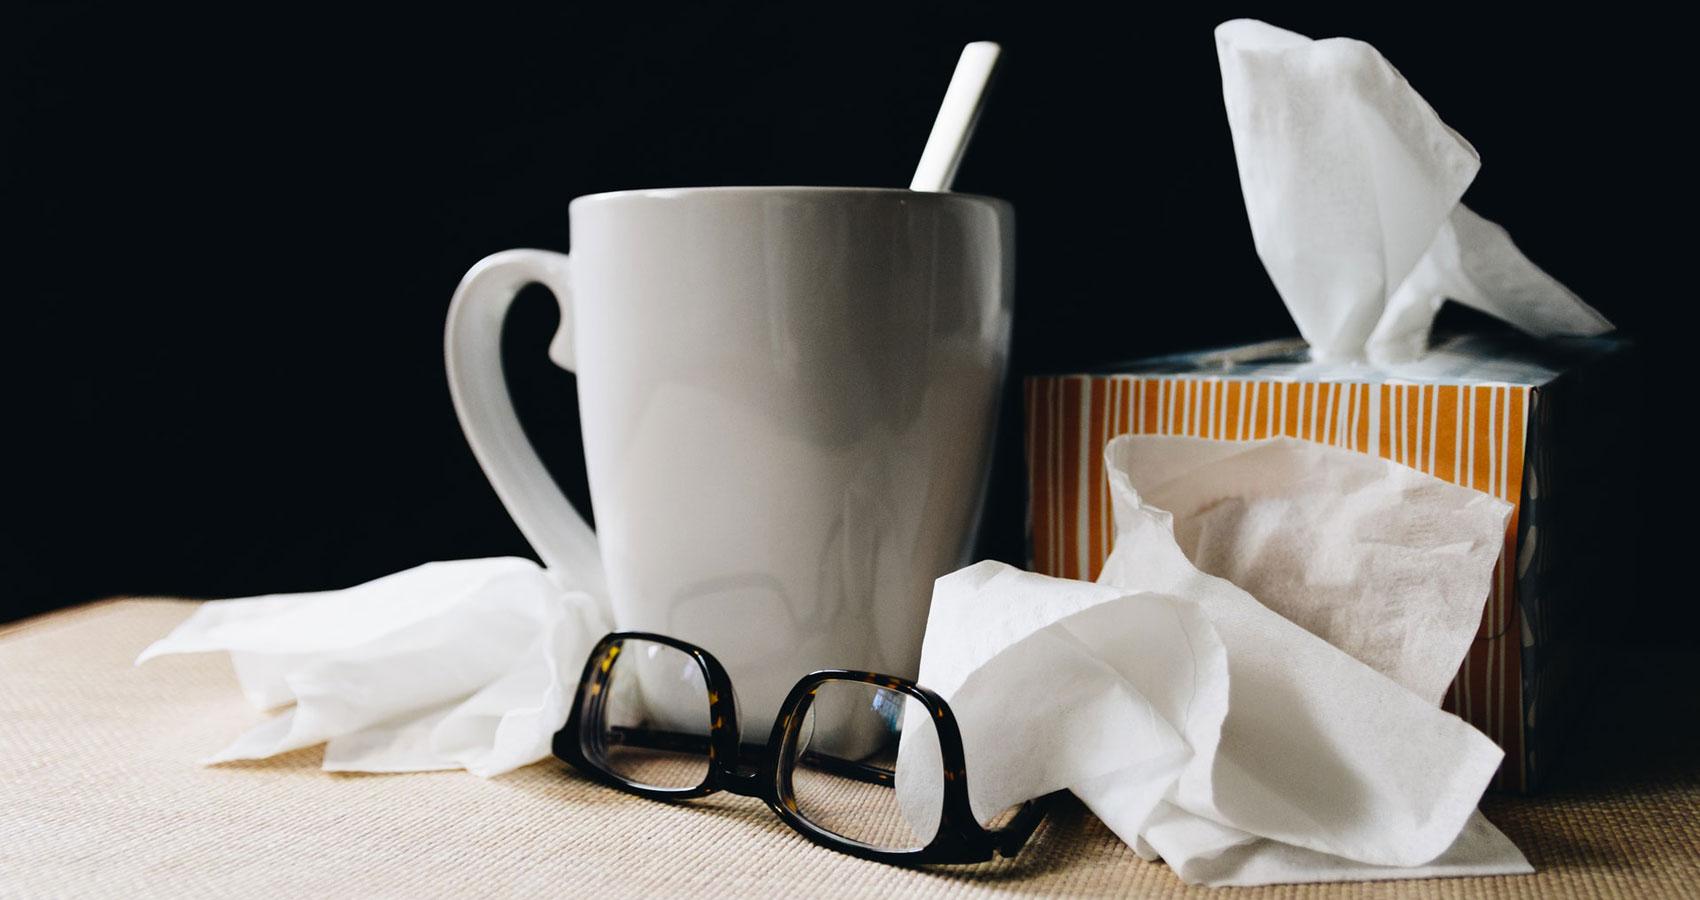 Common Cold, a poem by Ogden Nash at Spillwords.com